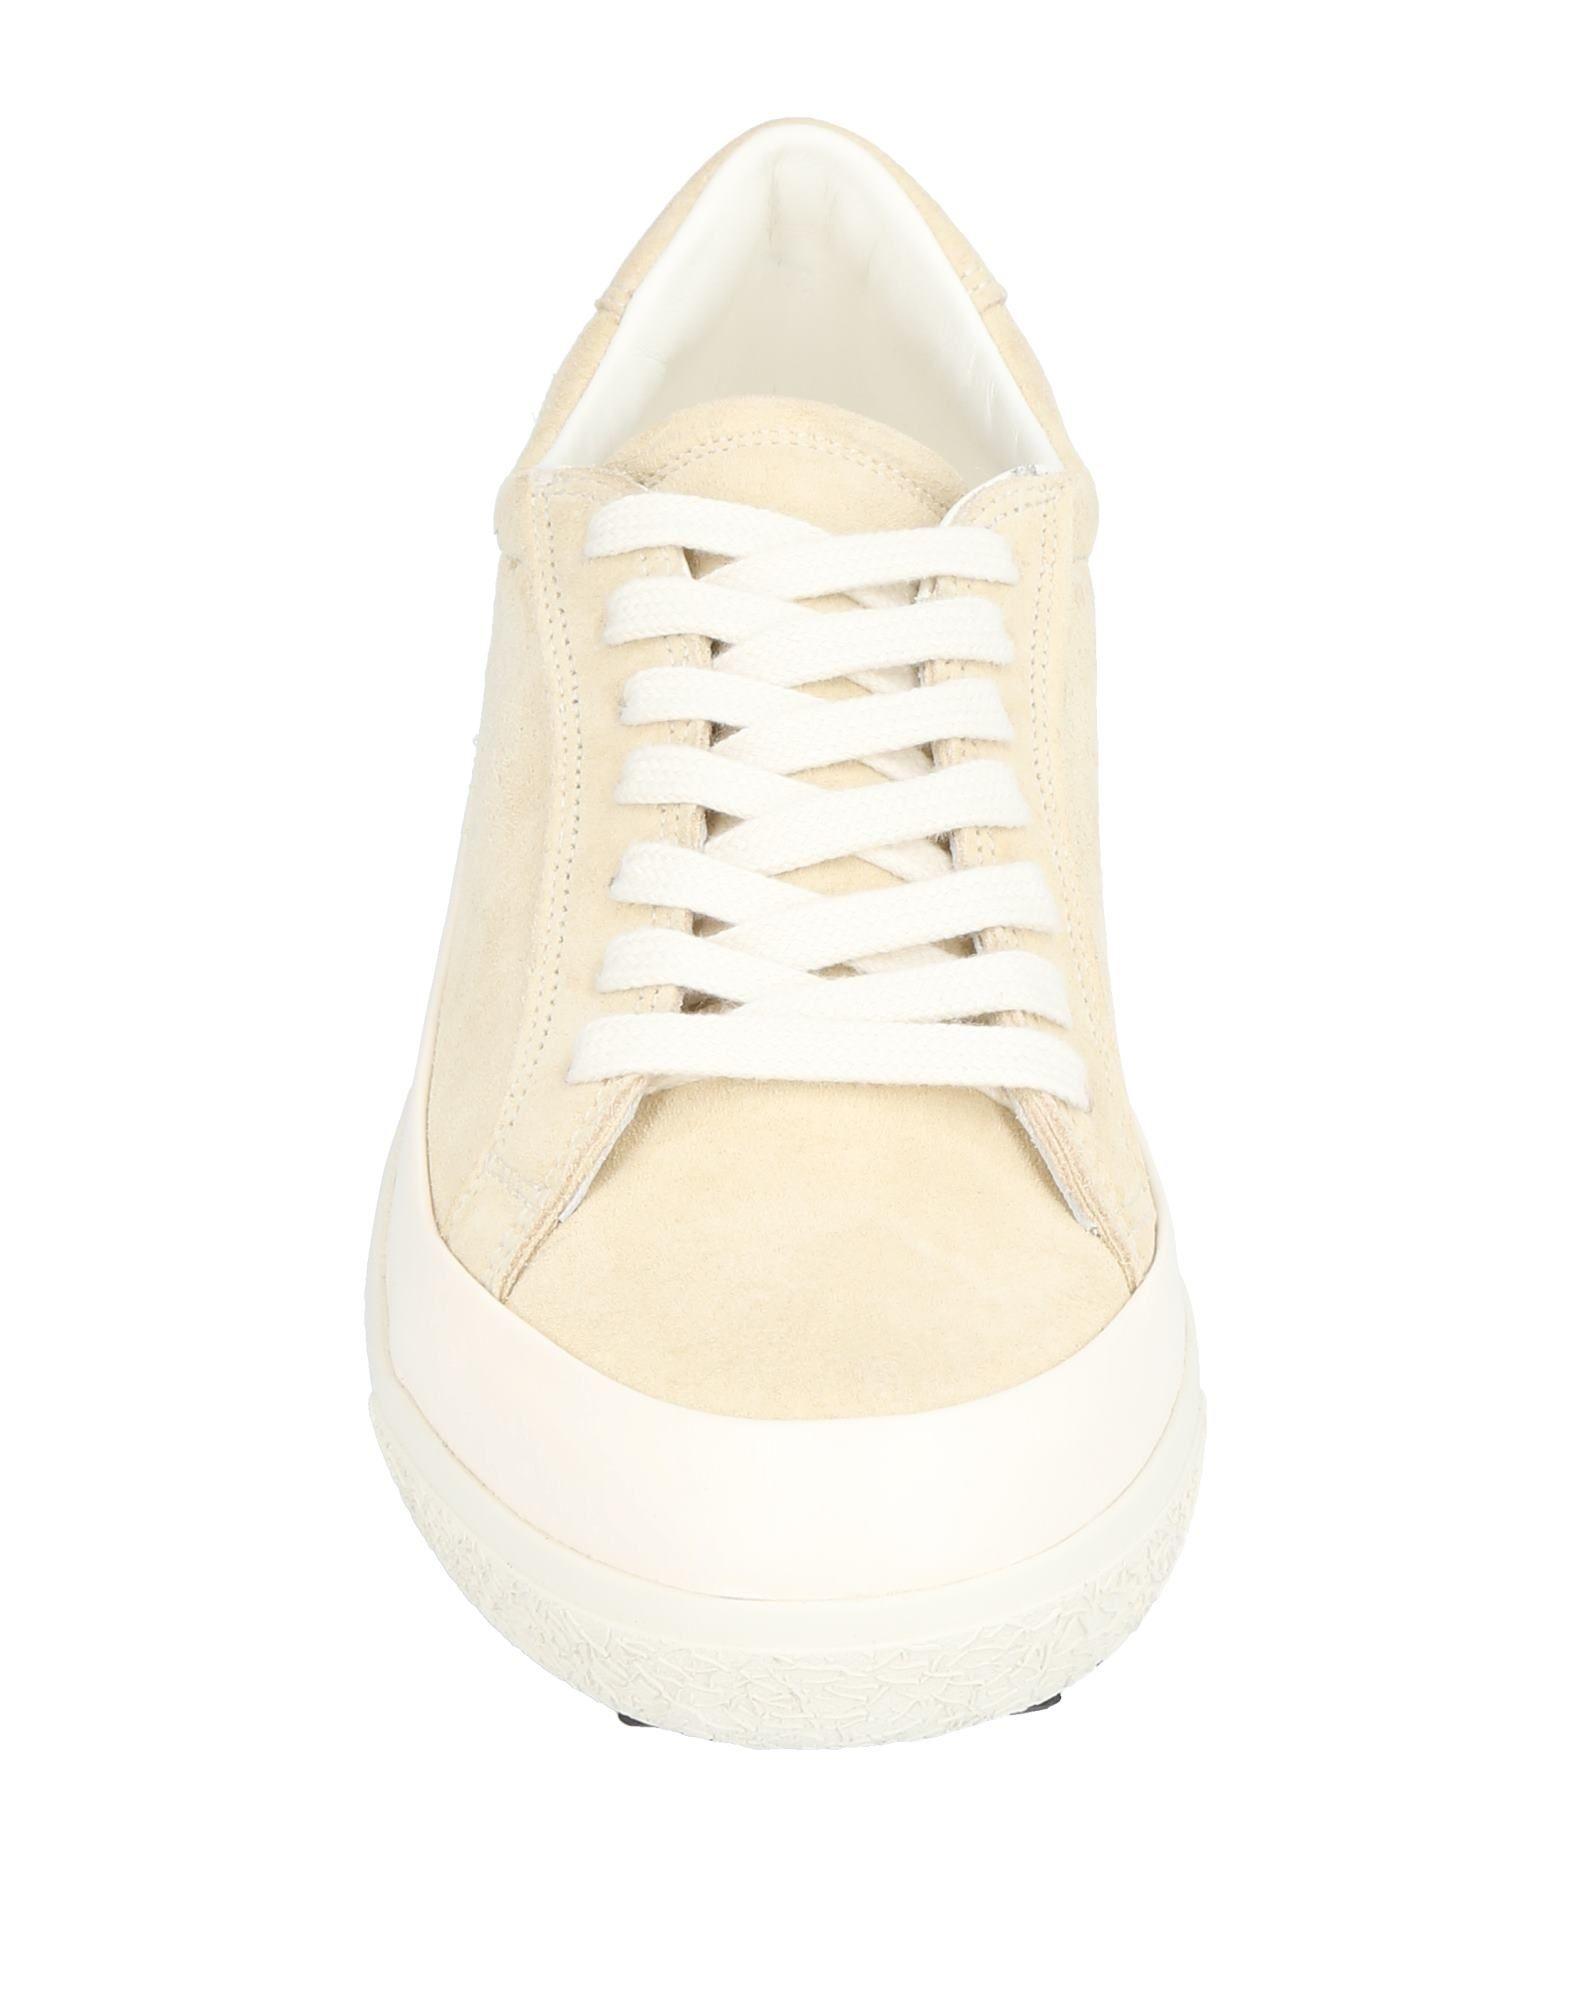 Pantofola D'oro 11456983QLGut Sneakers Damen  11456983QLGut D'oro aussehende strapazierfähige Schuhe a286e4